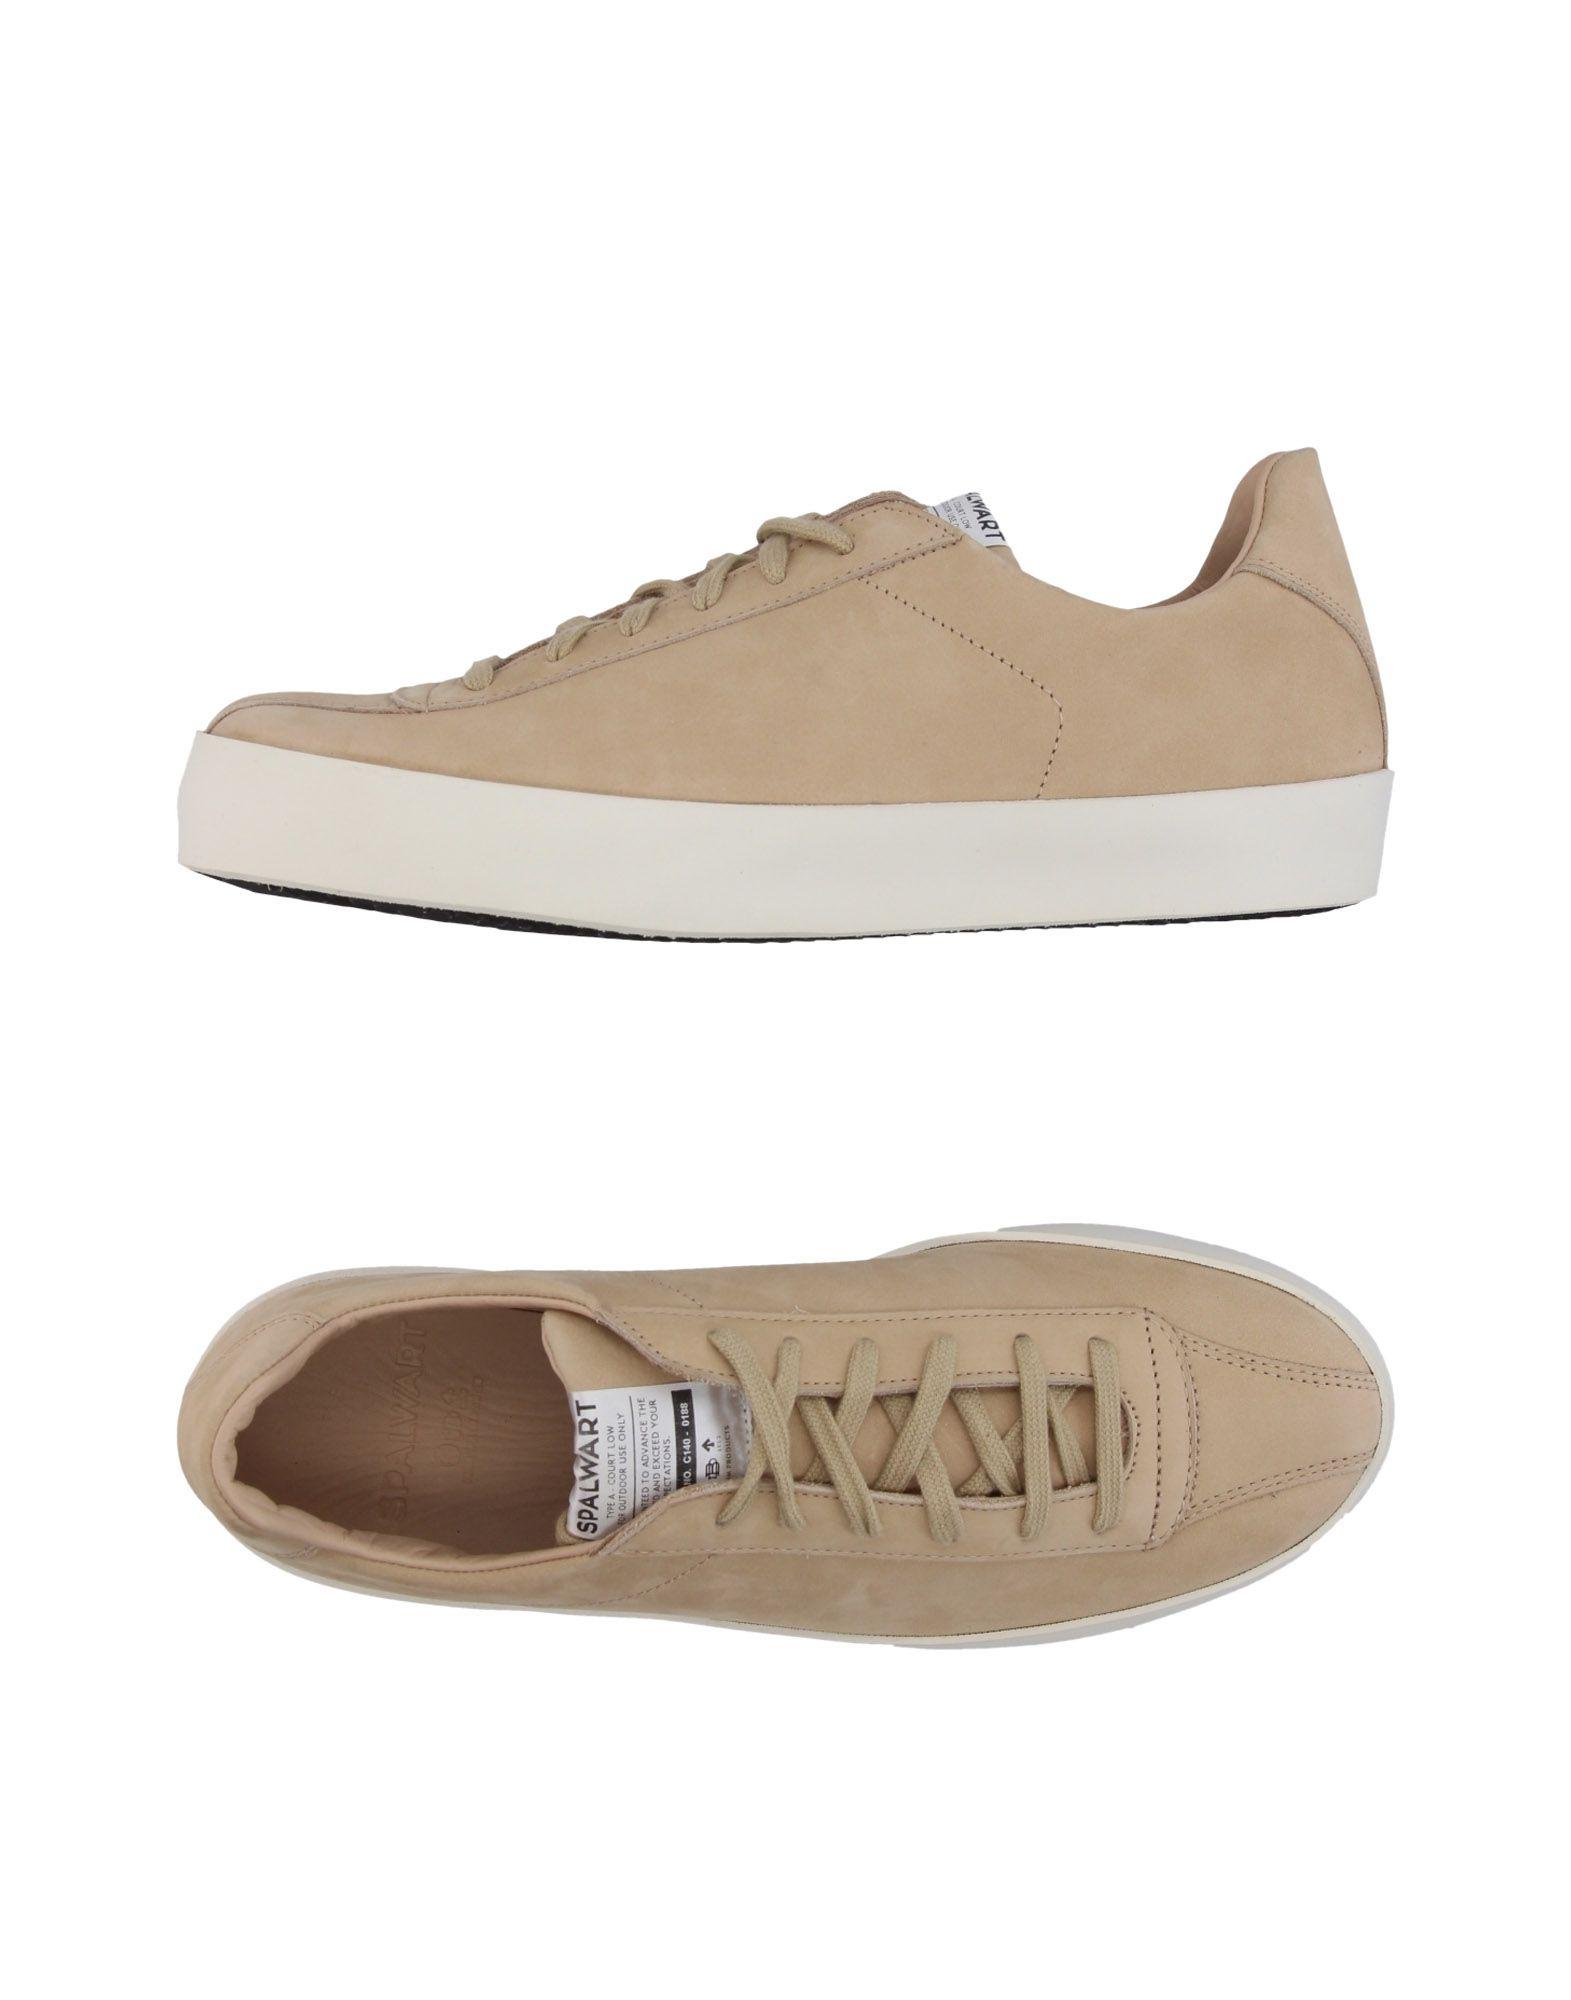 Rabatt Spalwart echte Schuhe Spalwart Rabatt Sneakers Herren  11213880OO 966a75